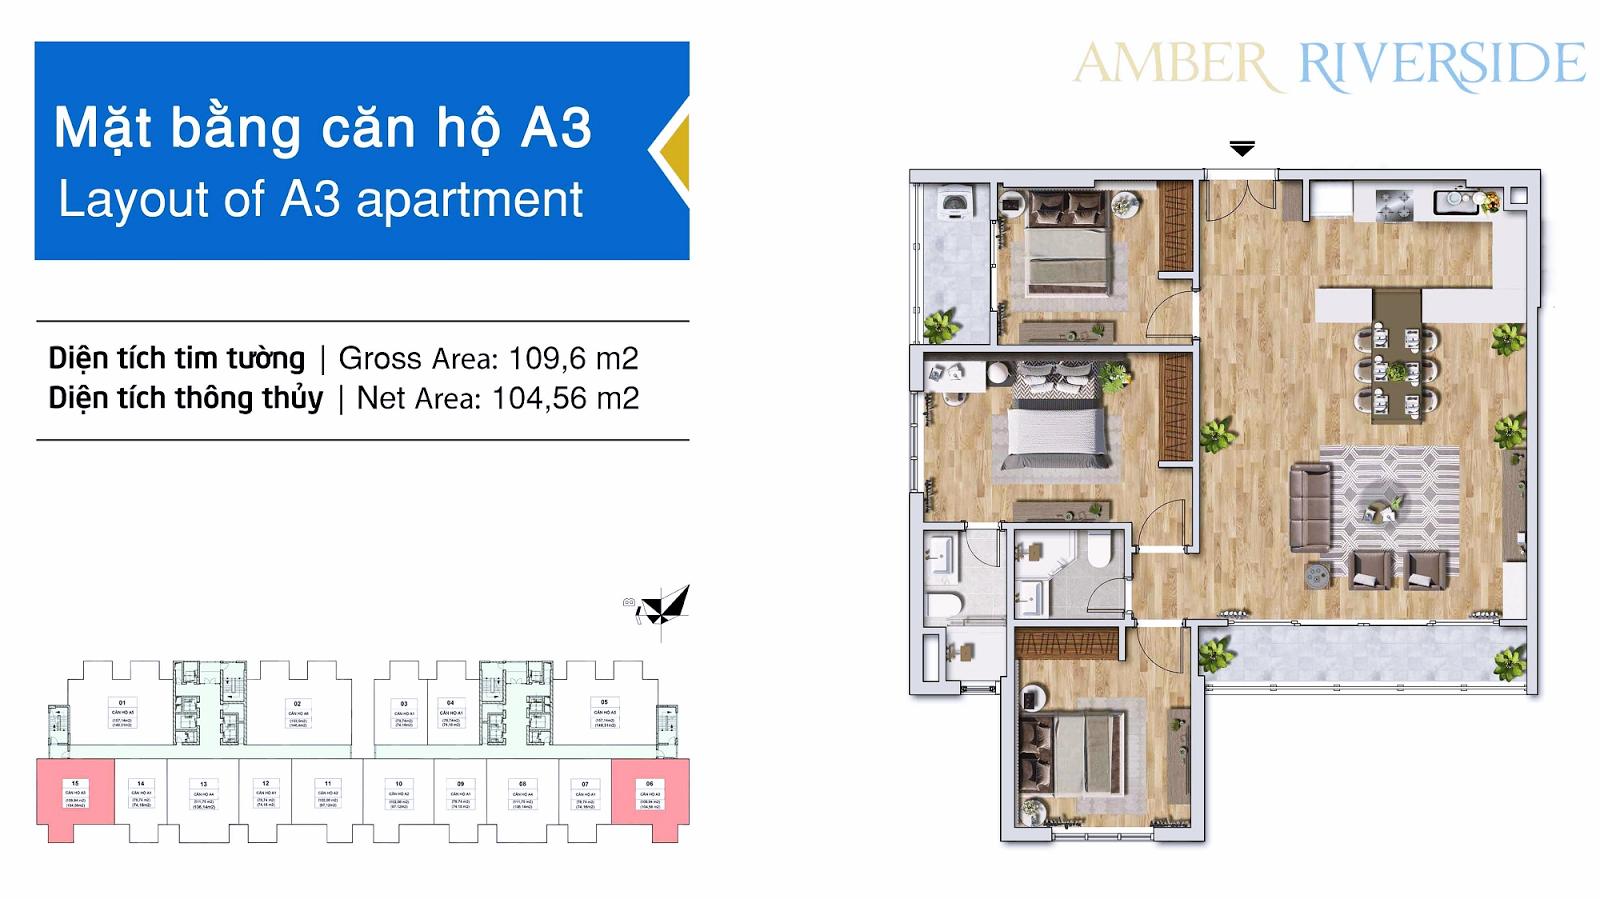 Thiết kế căn hộ A3 dự án Amber Riverside 622 Minh Khai